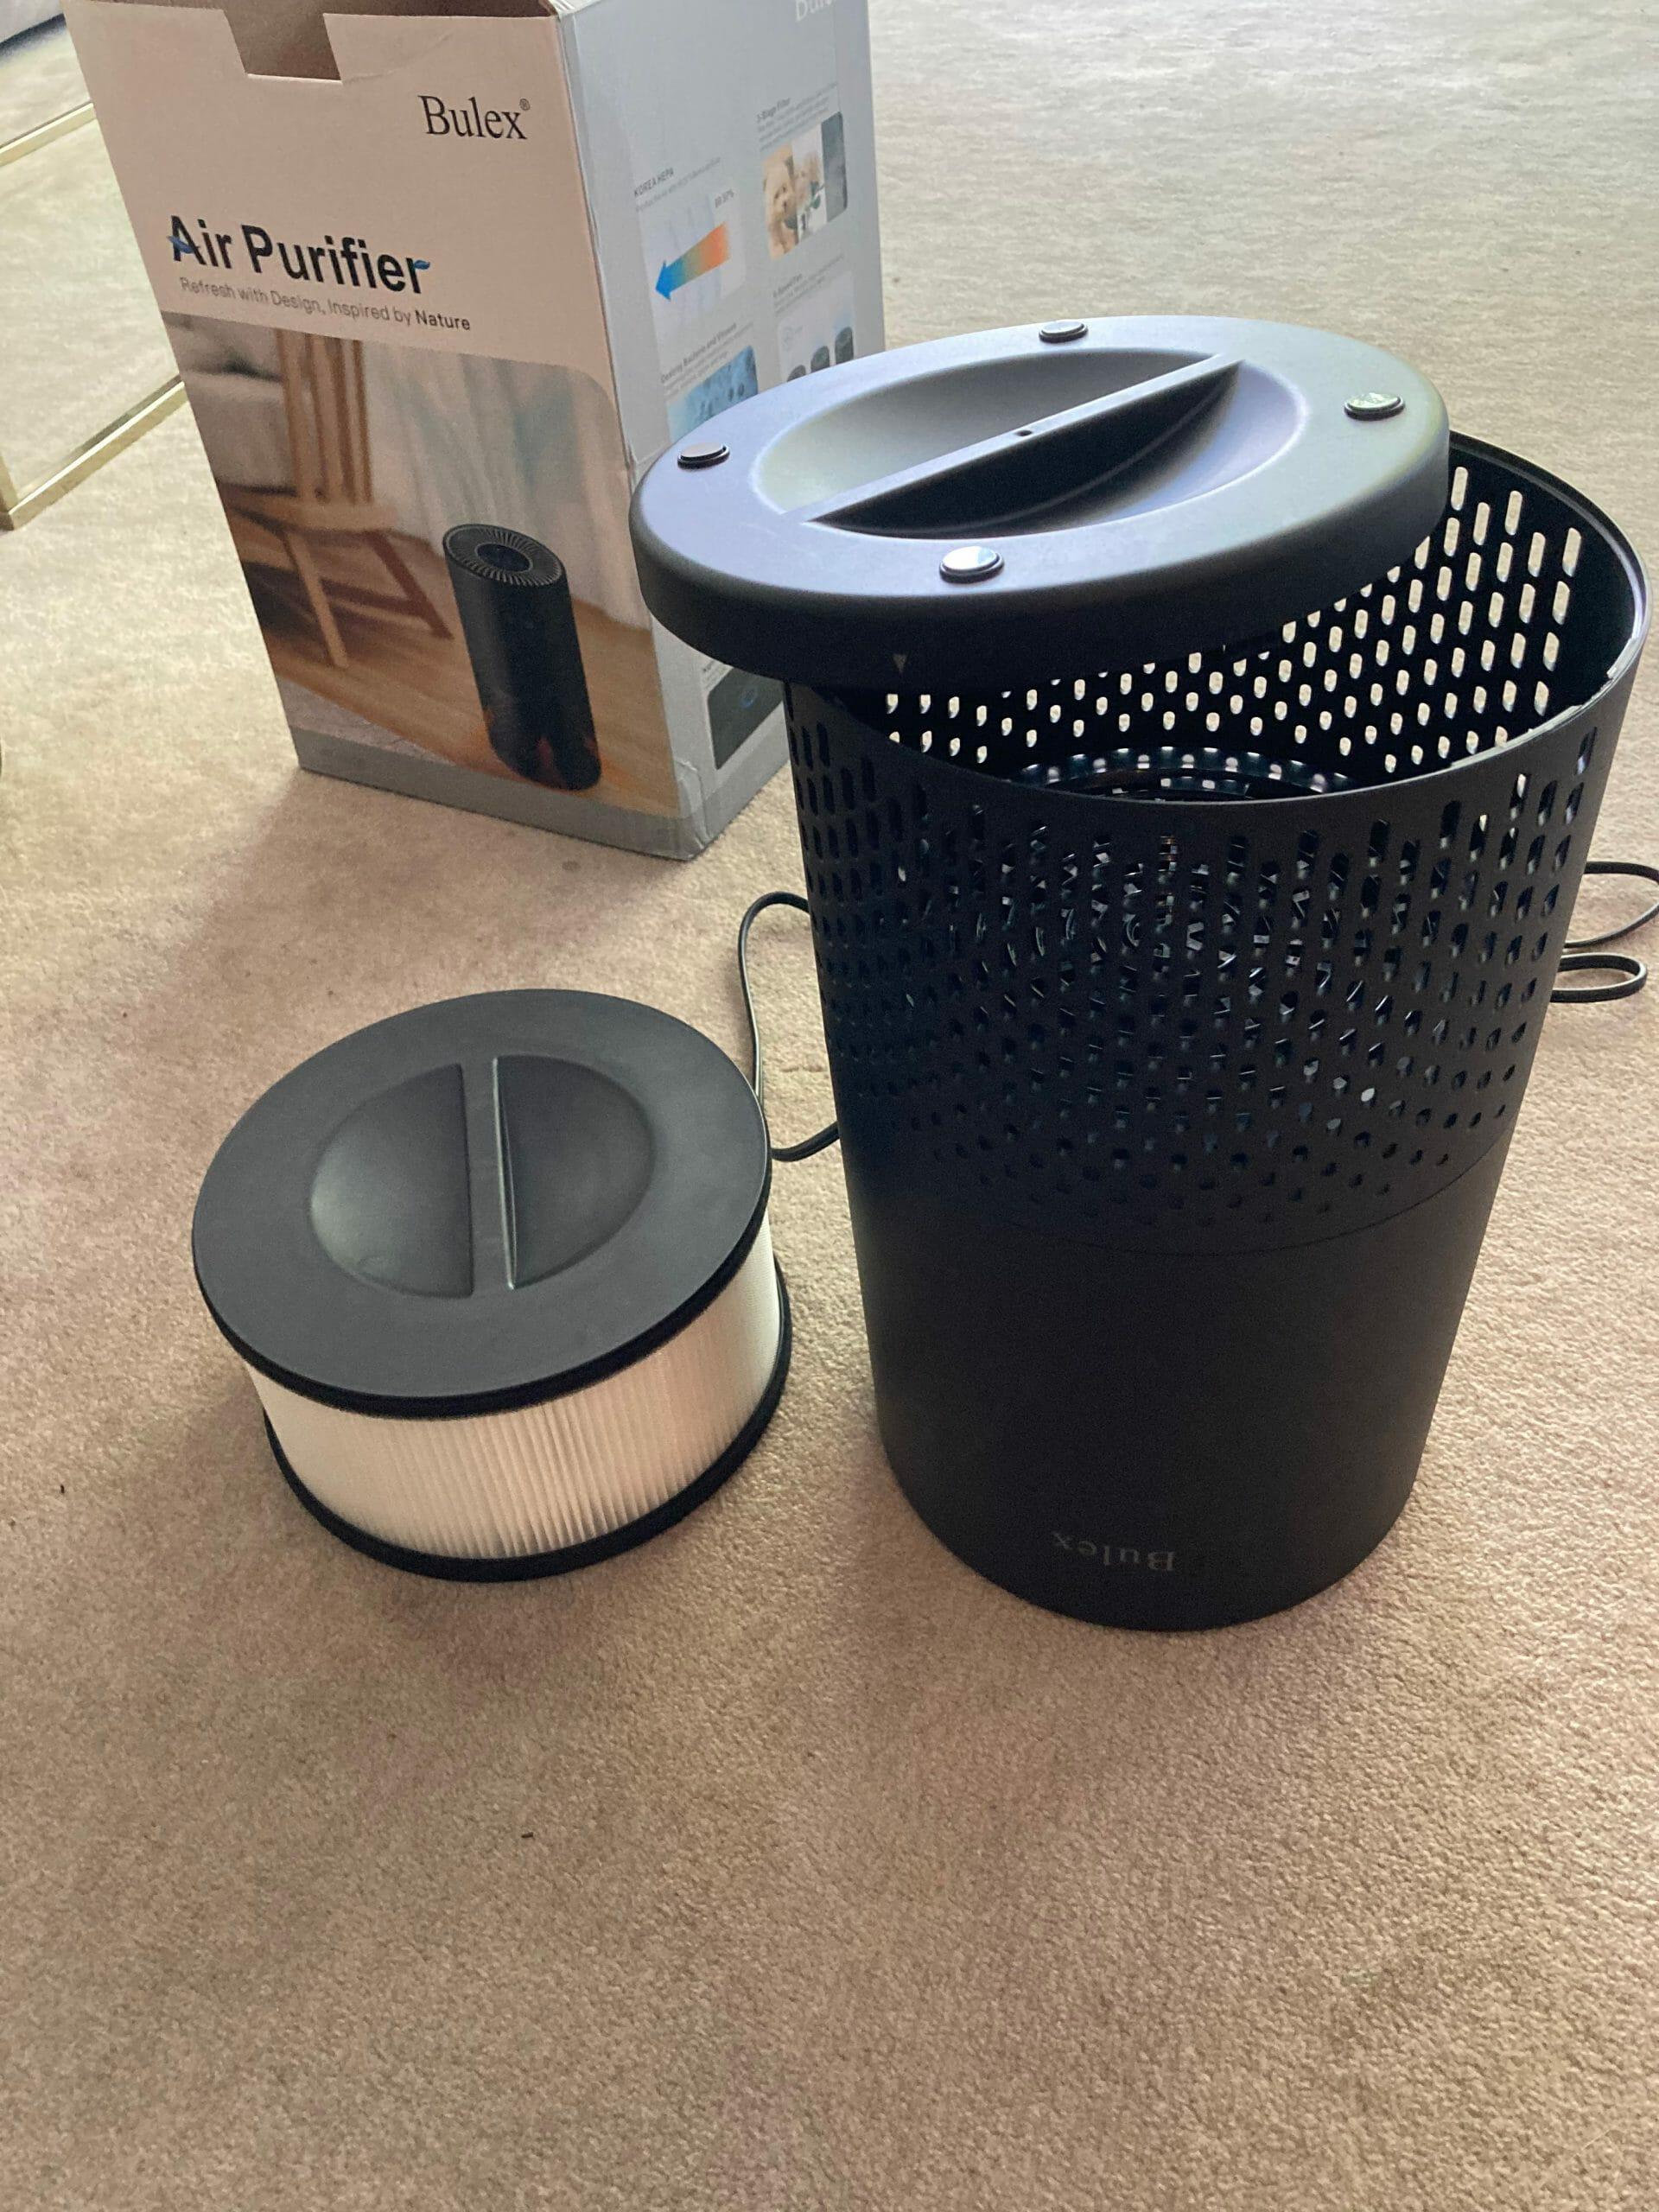 Bulex Air Purifier Filter